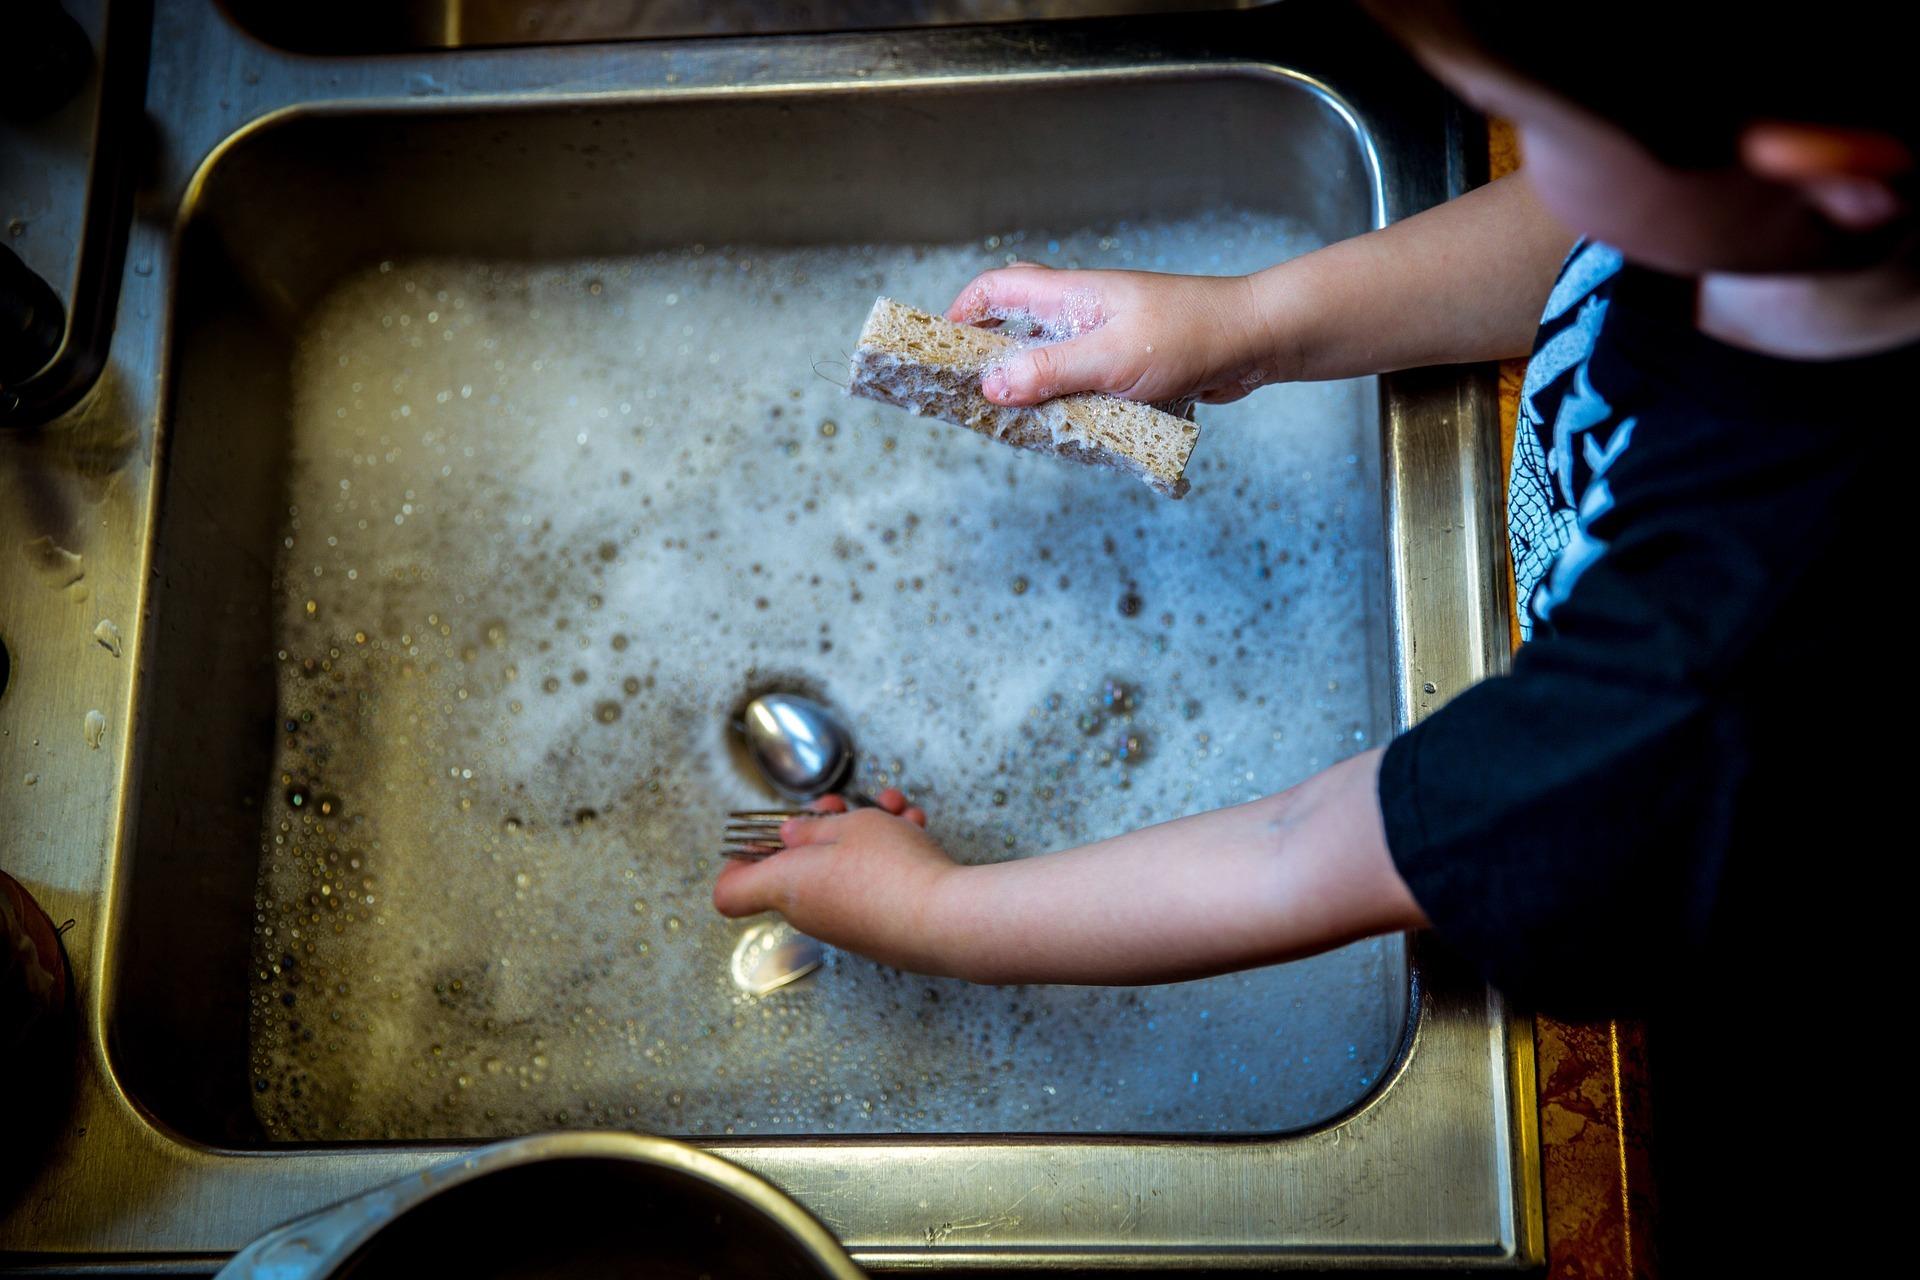 mosogatást is végezheti a gyerek - fotó: pixabay